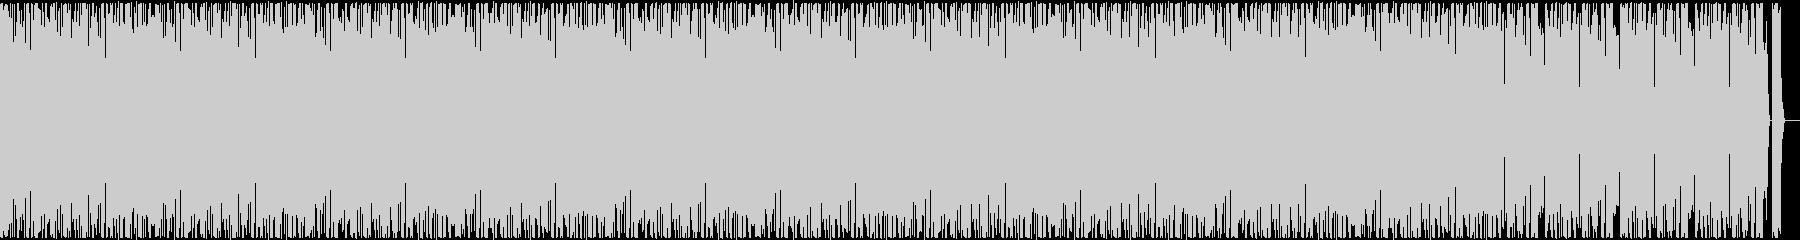 ダンサブルなビートにおしゃれなコードの未再生の波形